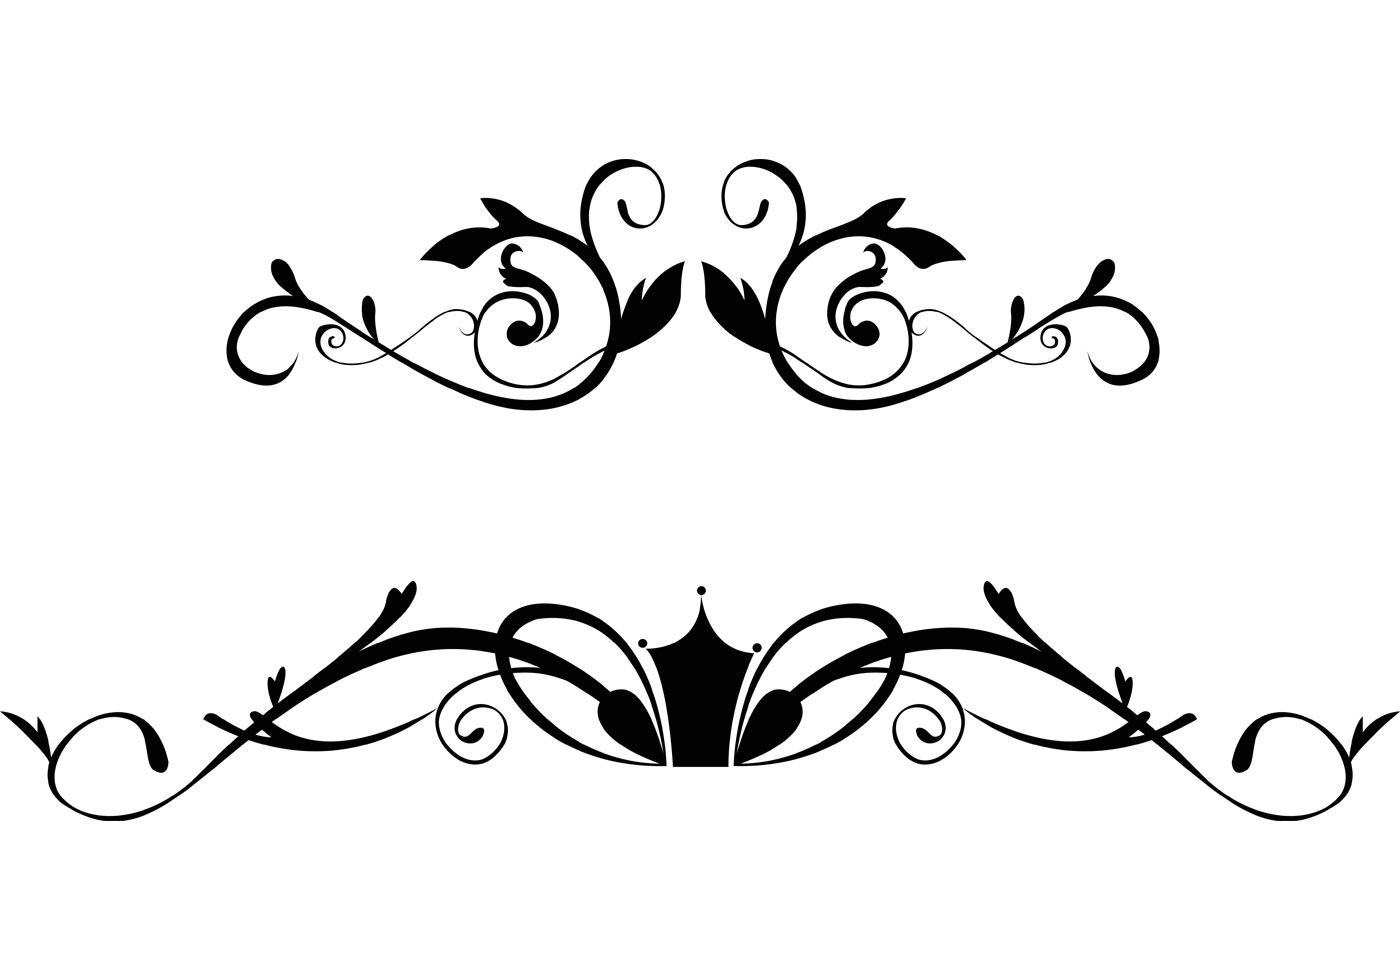 Free Floral Ornamental Border Vectors - Download Free ...